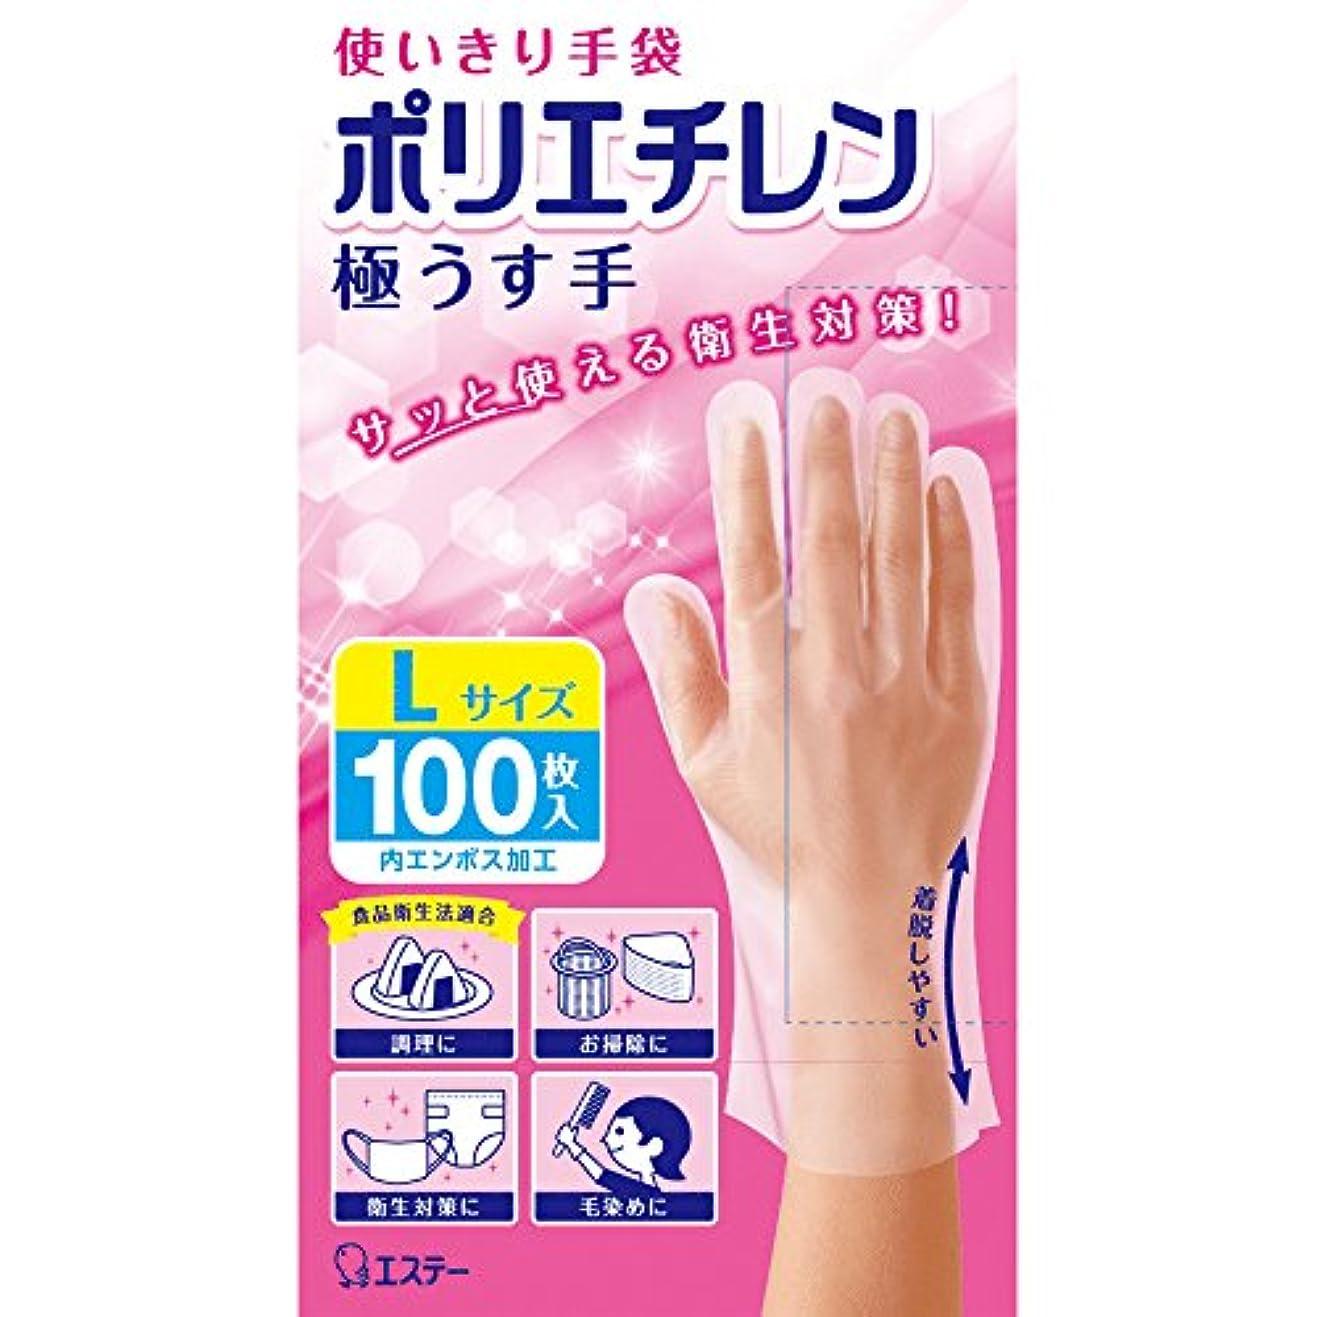 明日医学契約した使いきり手袋 ポリエチレン 極うす手 Lサイズ 半透明 100枚